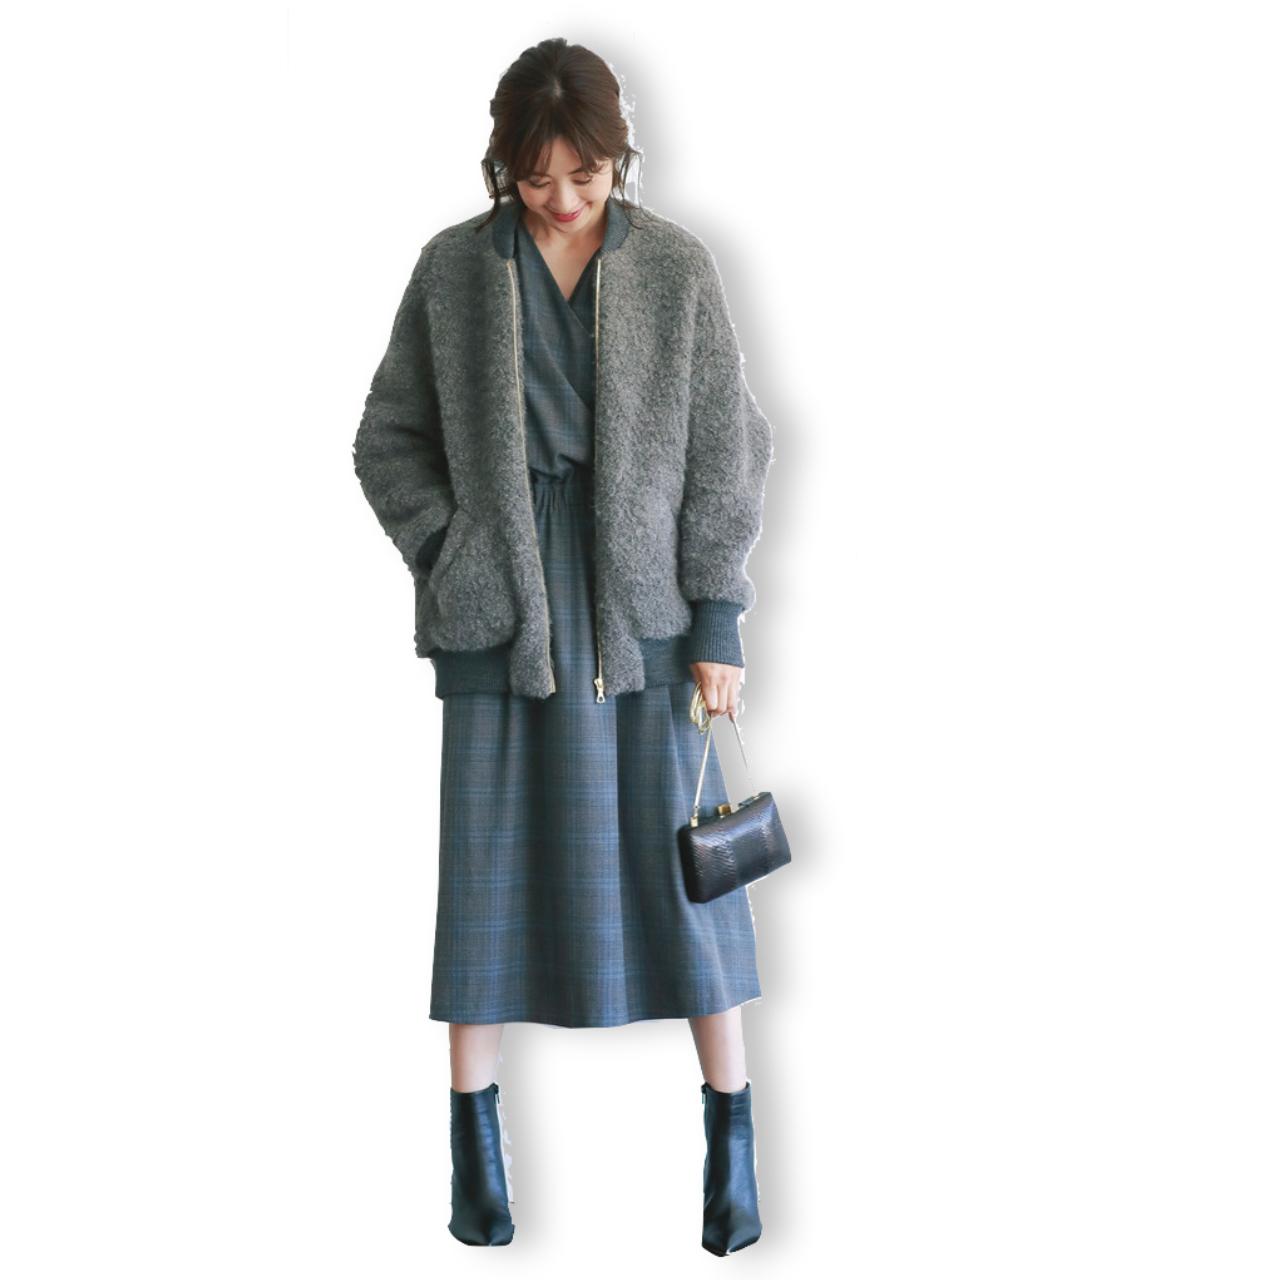 ブルゾン×カシュクールワンピースのファッションコーデ